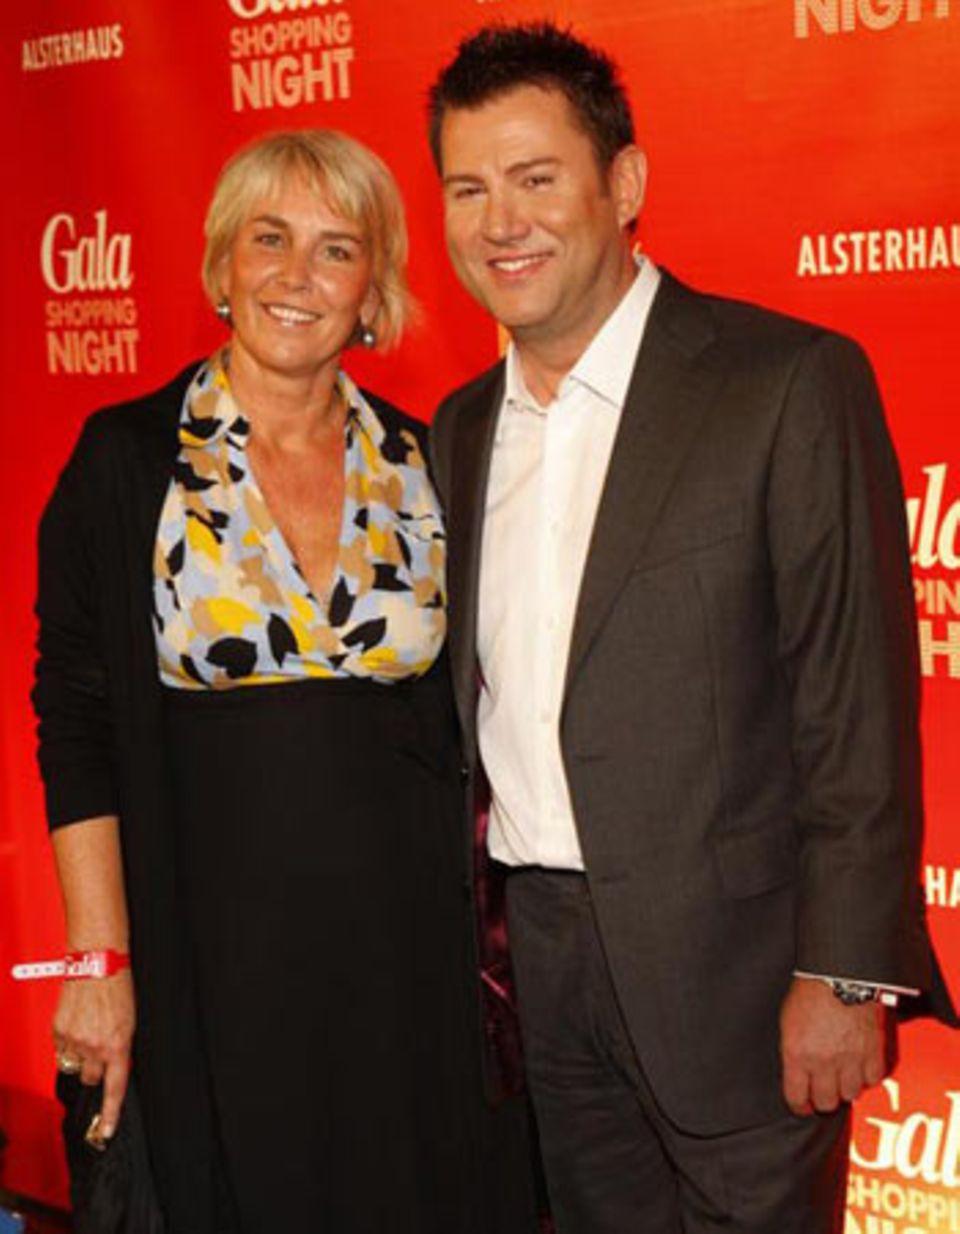 GALA Shopping Night: Jens Riewa in Begleitung von Manuela Lundgren